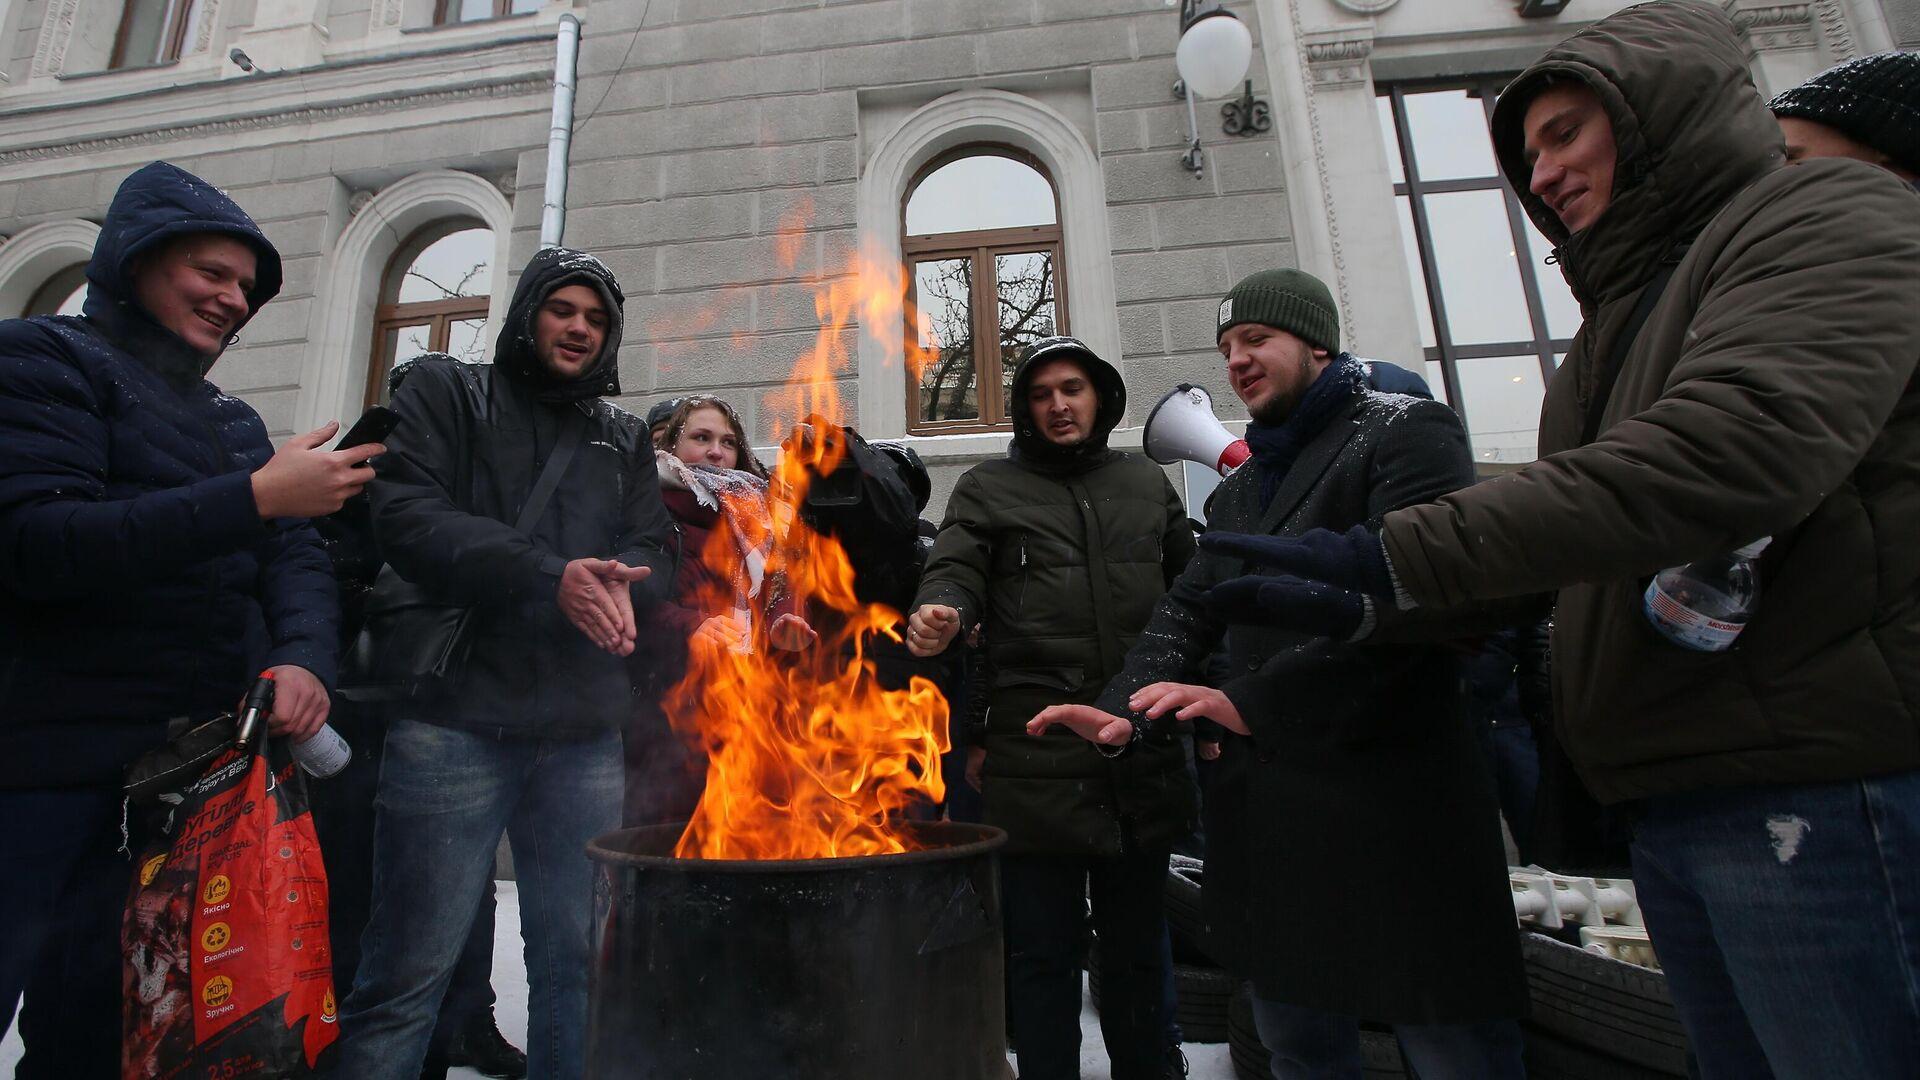 Жители Киева проводят протестную акцию у здания компании Нафтогаз-Украина  - Sputnik Узбекистан, 1920, 08.09.2021